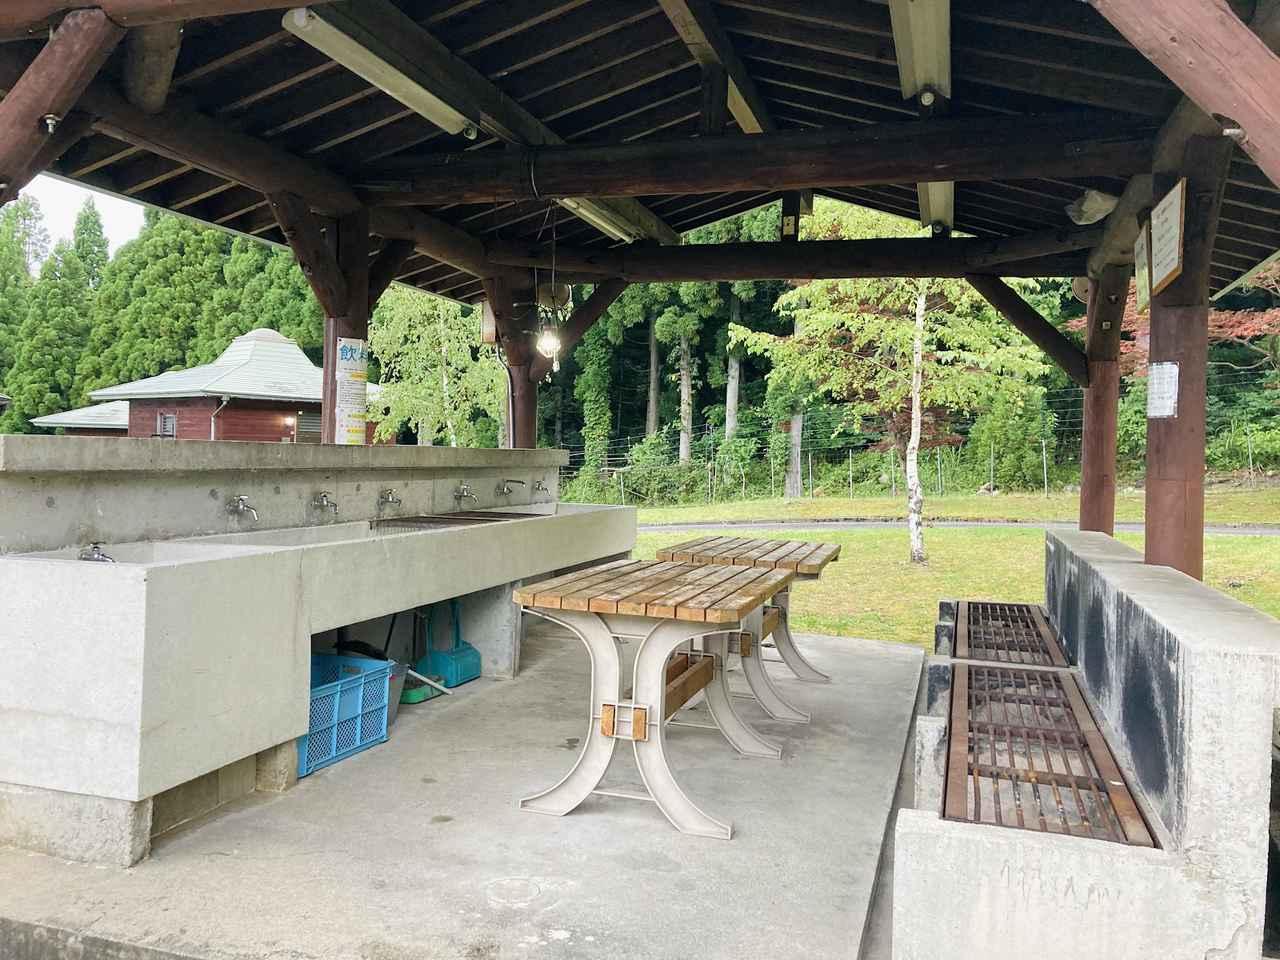 画像: 筆者撮影 炊事場の様子